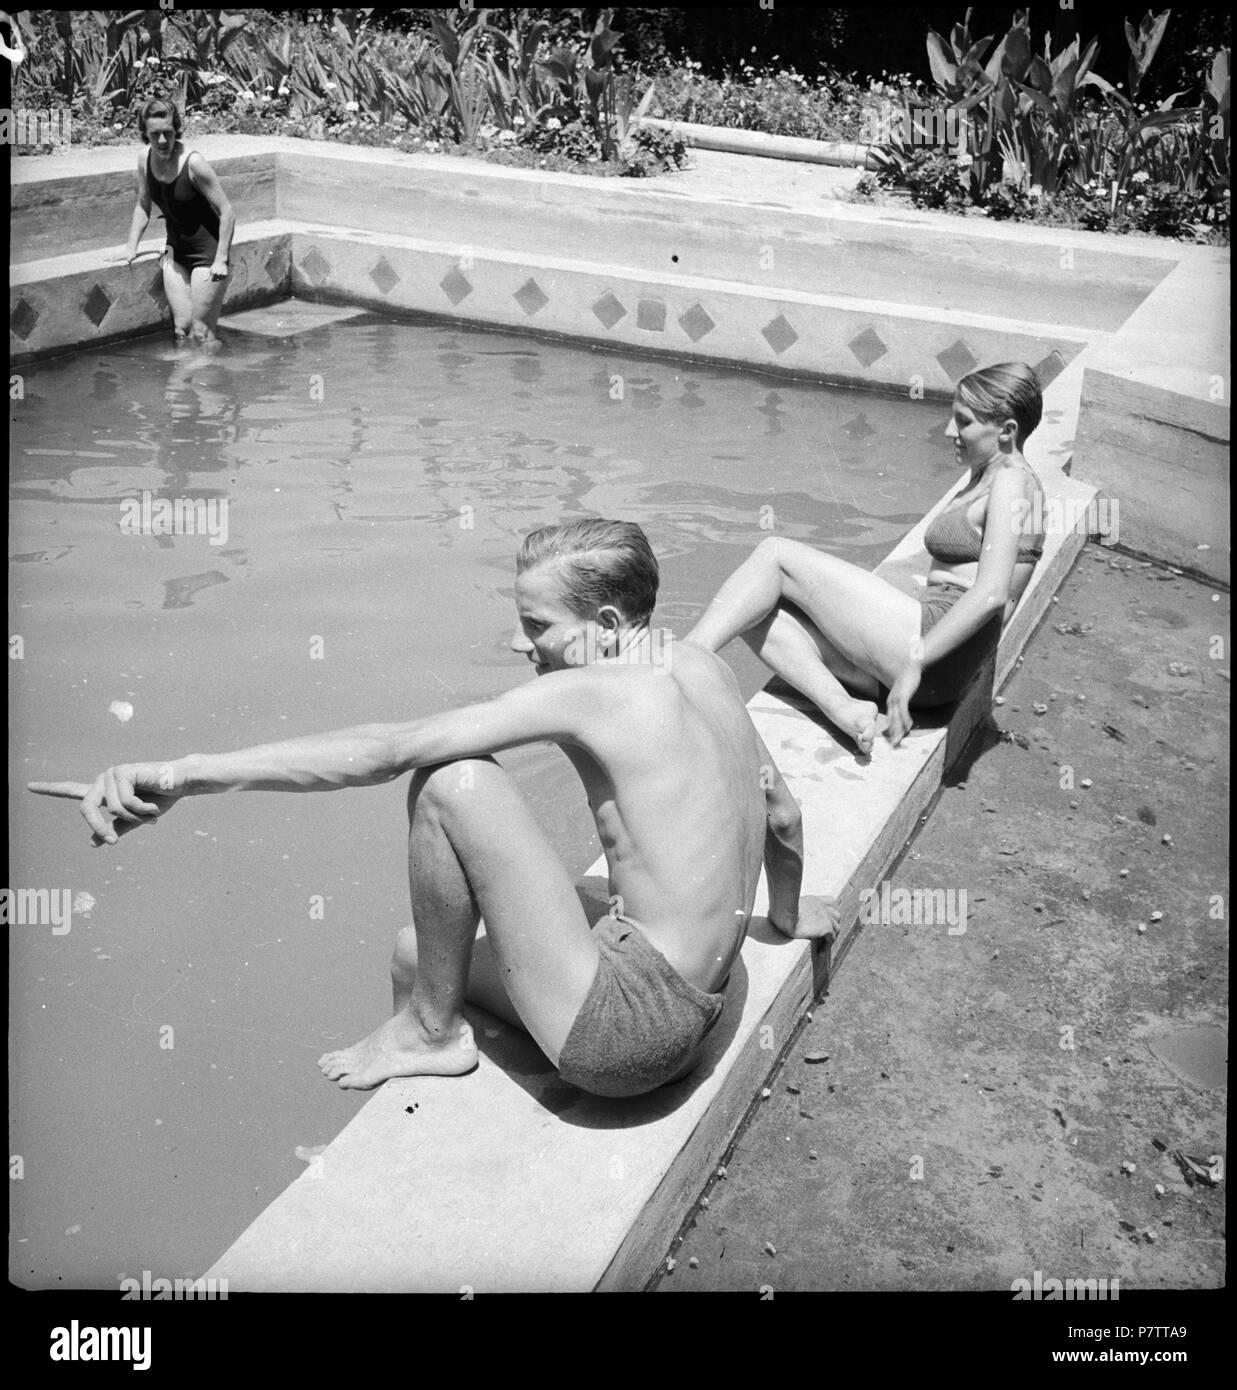 Iran, Meshed (Mashhad): Britisches Konsulat; Eine Frau und ein Mann am Swimmingpool. from 1939 until 1940 73 CH-NB - Iran, Meshed (Mashhad)- Britisches Konsulat - Annemarie Schwarzenbach - SLA-Schwarzenbach-A-5-19-115 - Stock Image